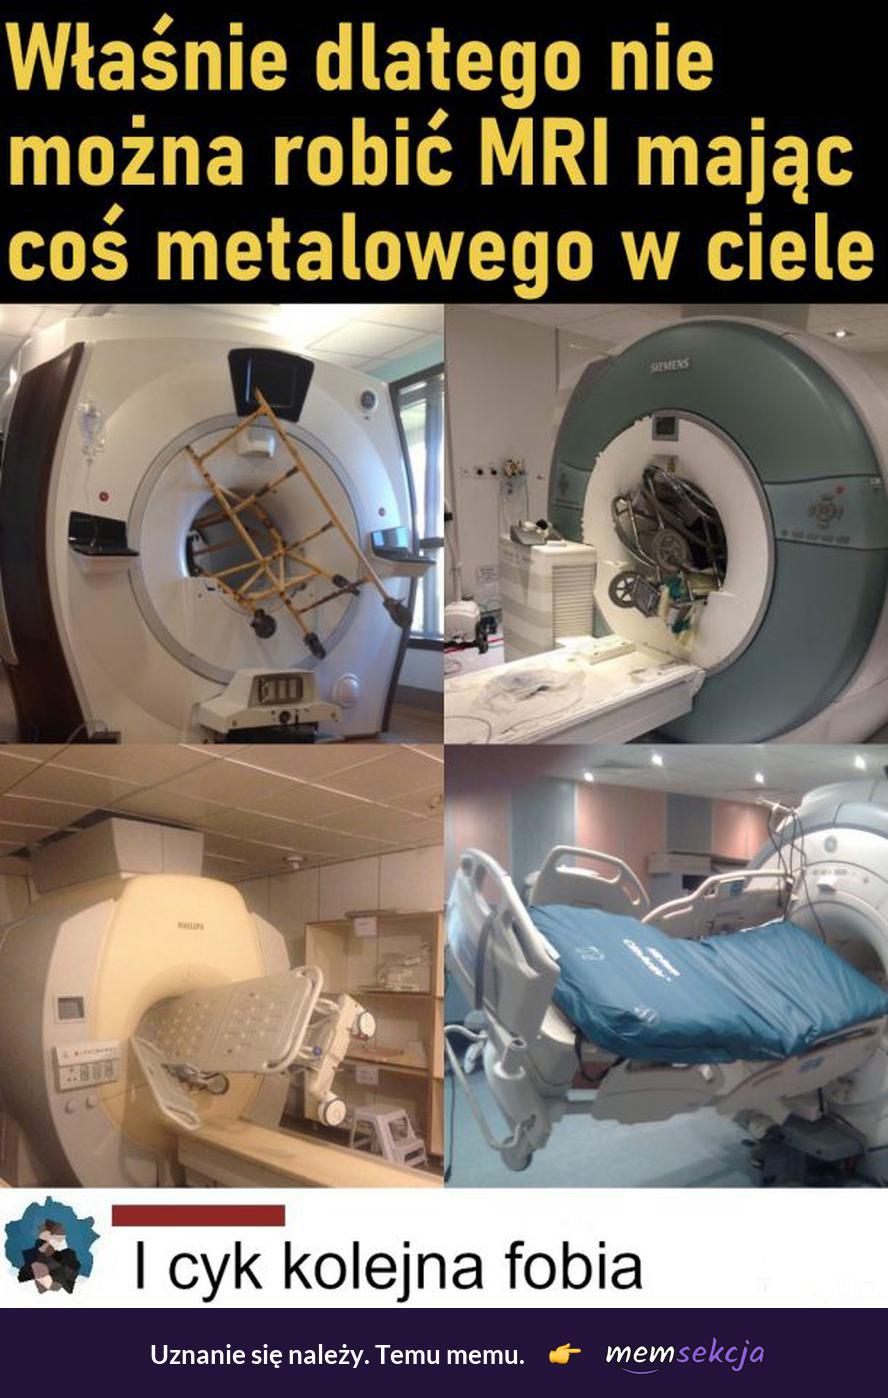 MRI vs metalowe rzeczy. Śmieszne. Fobia